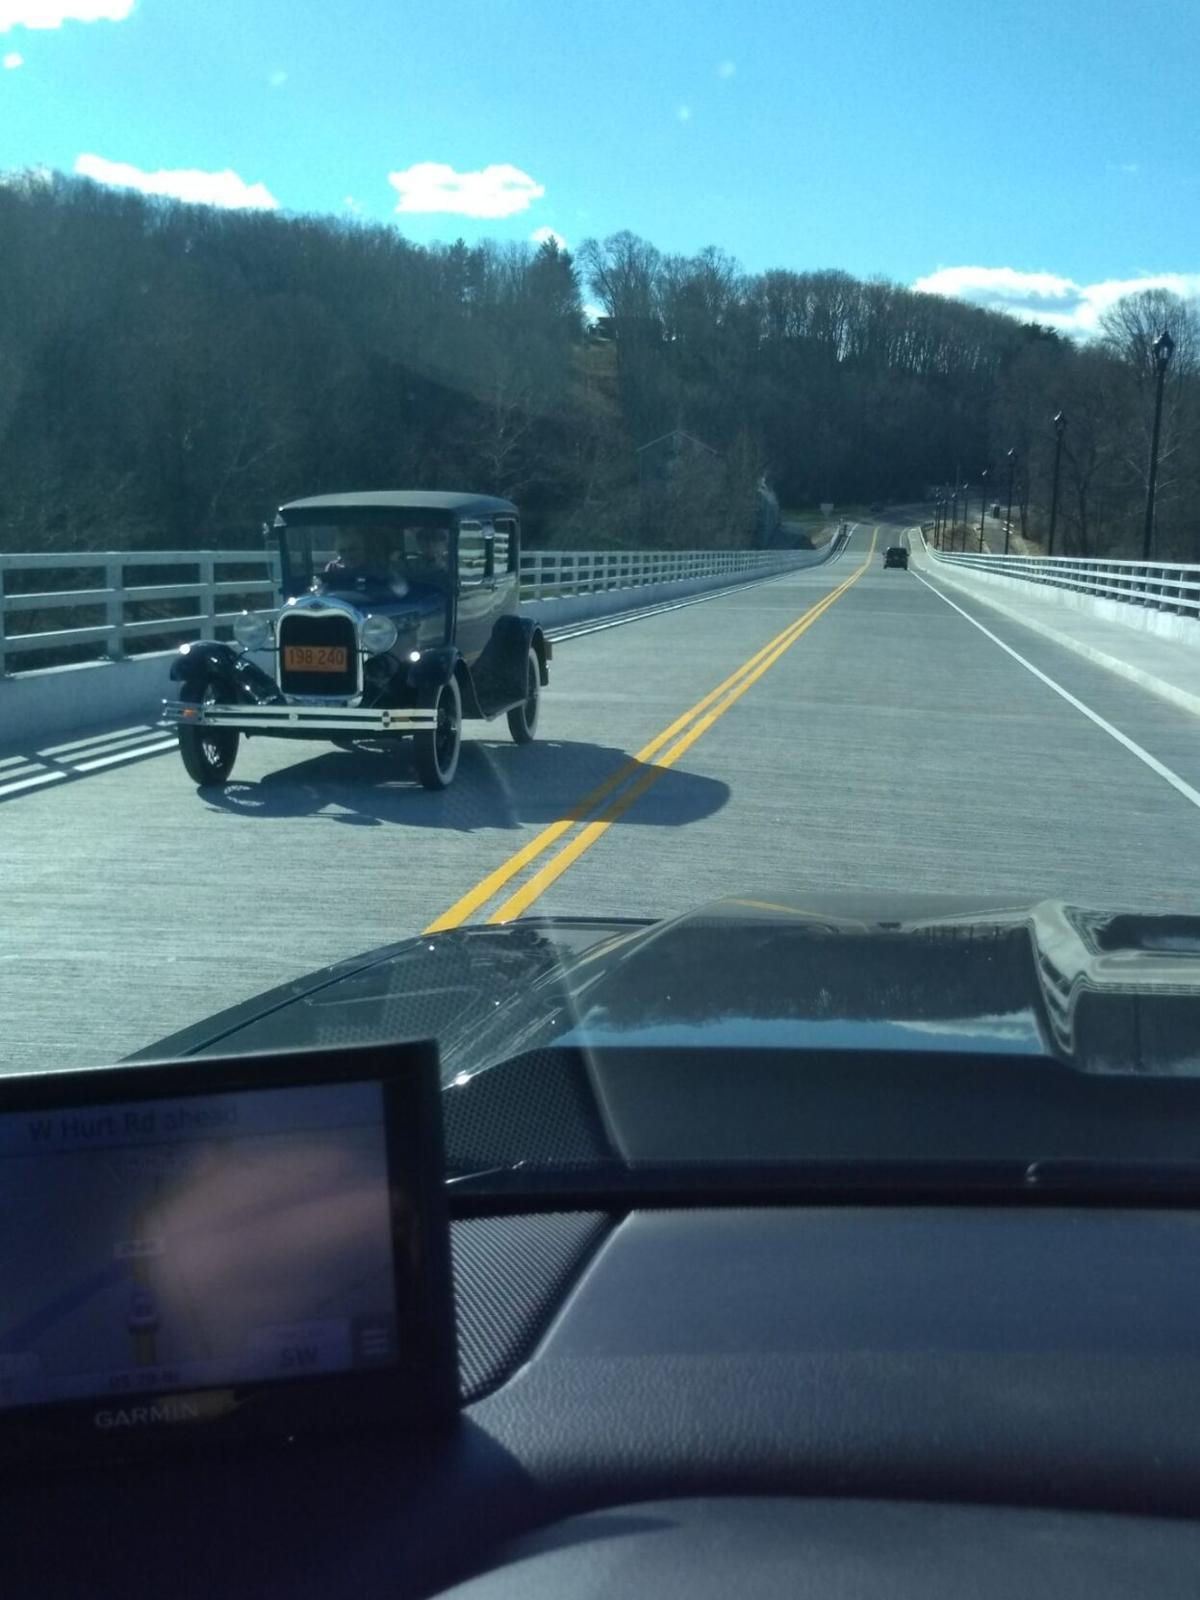 Old timey car on bridge